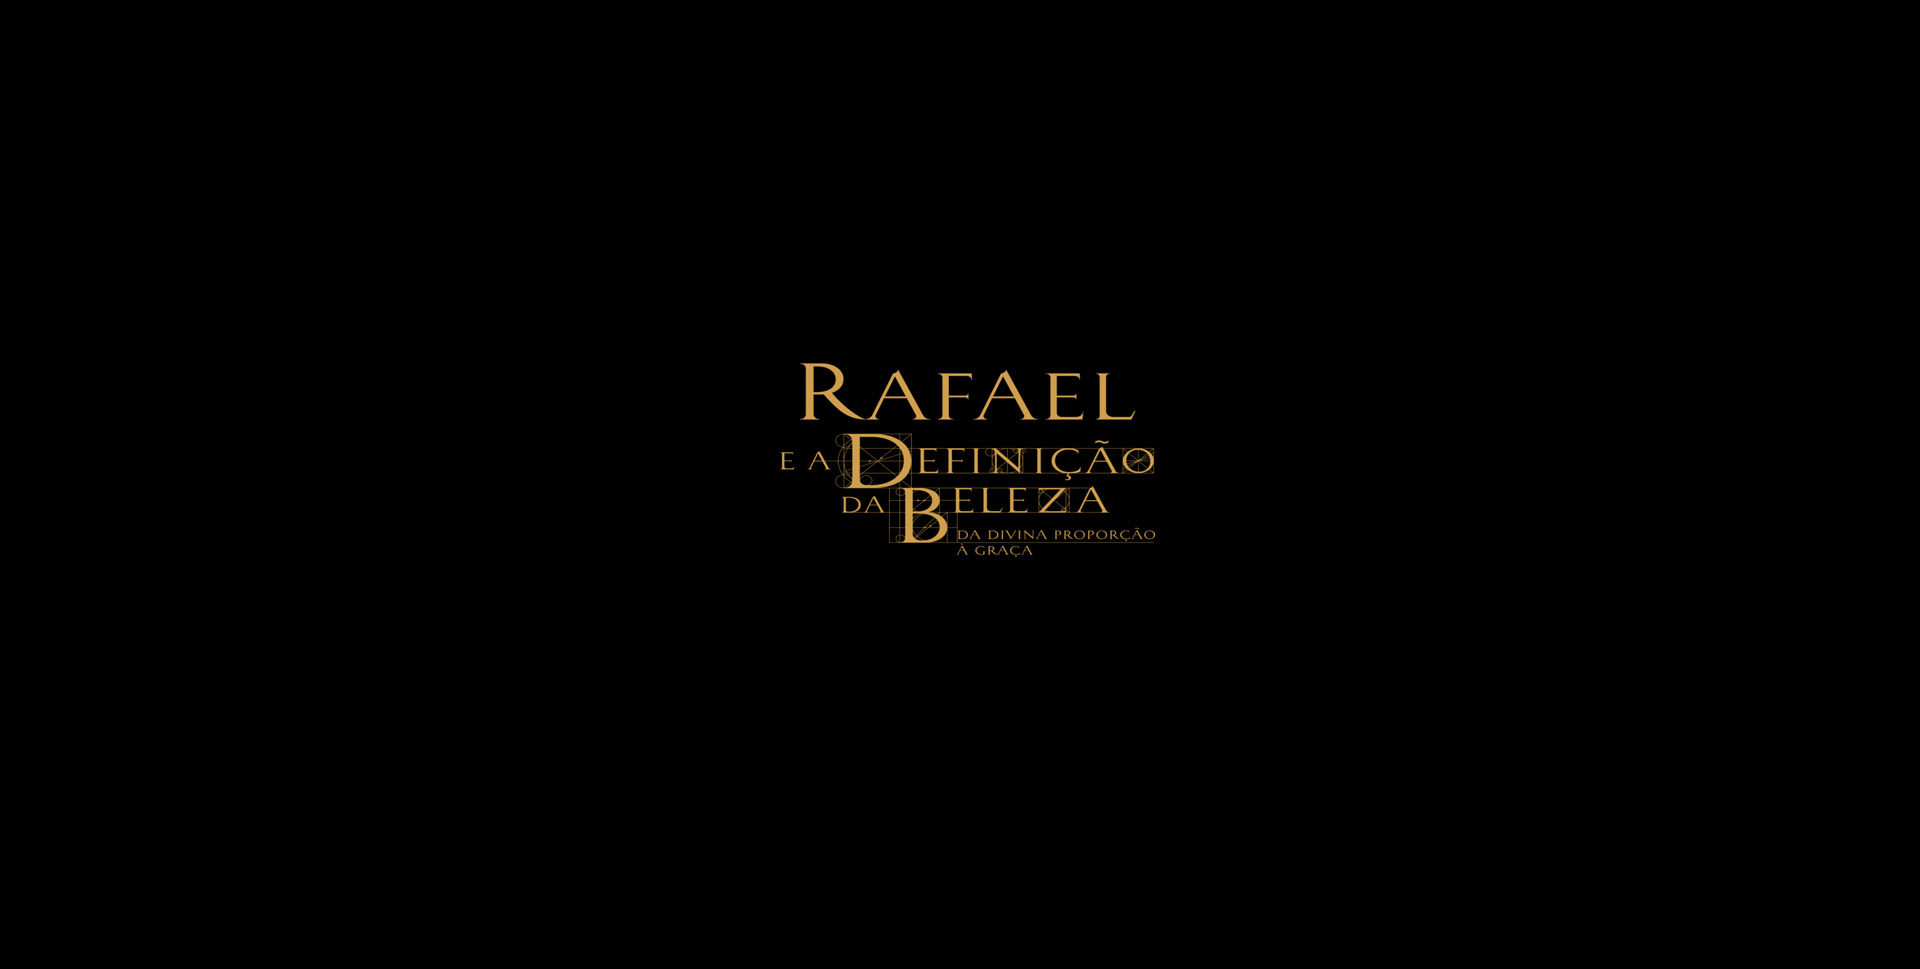 Rafael e a definicao da beleza logo